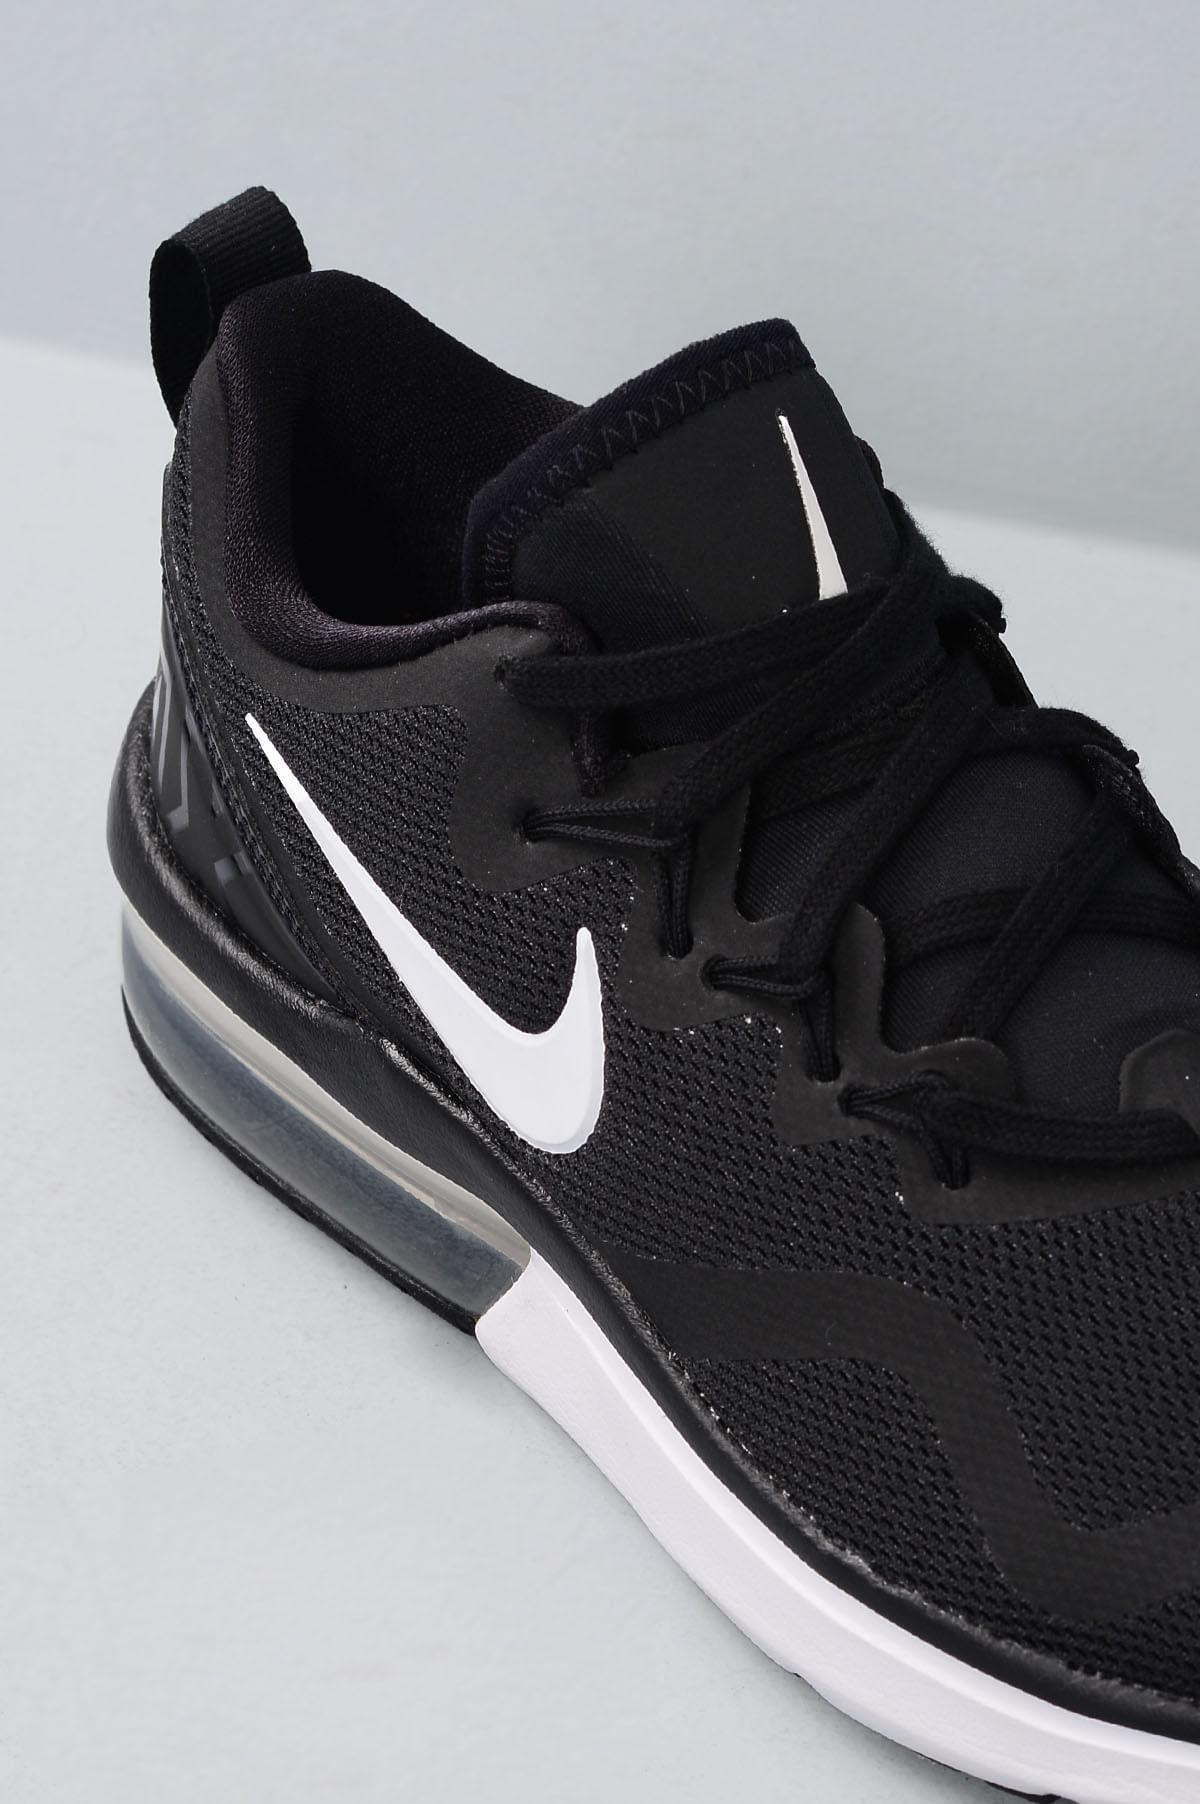 981352c8bf6 Tênis Nike Air Max Fury TEC - PRETO - Mundial Calçados